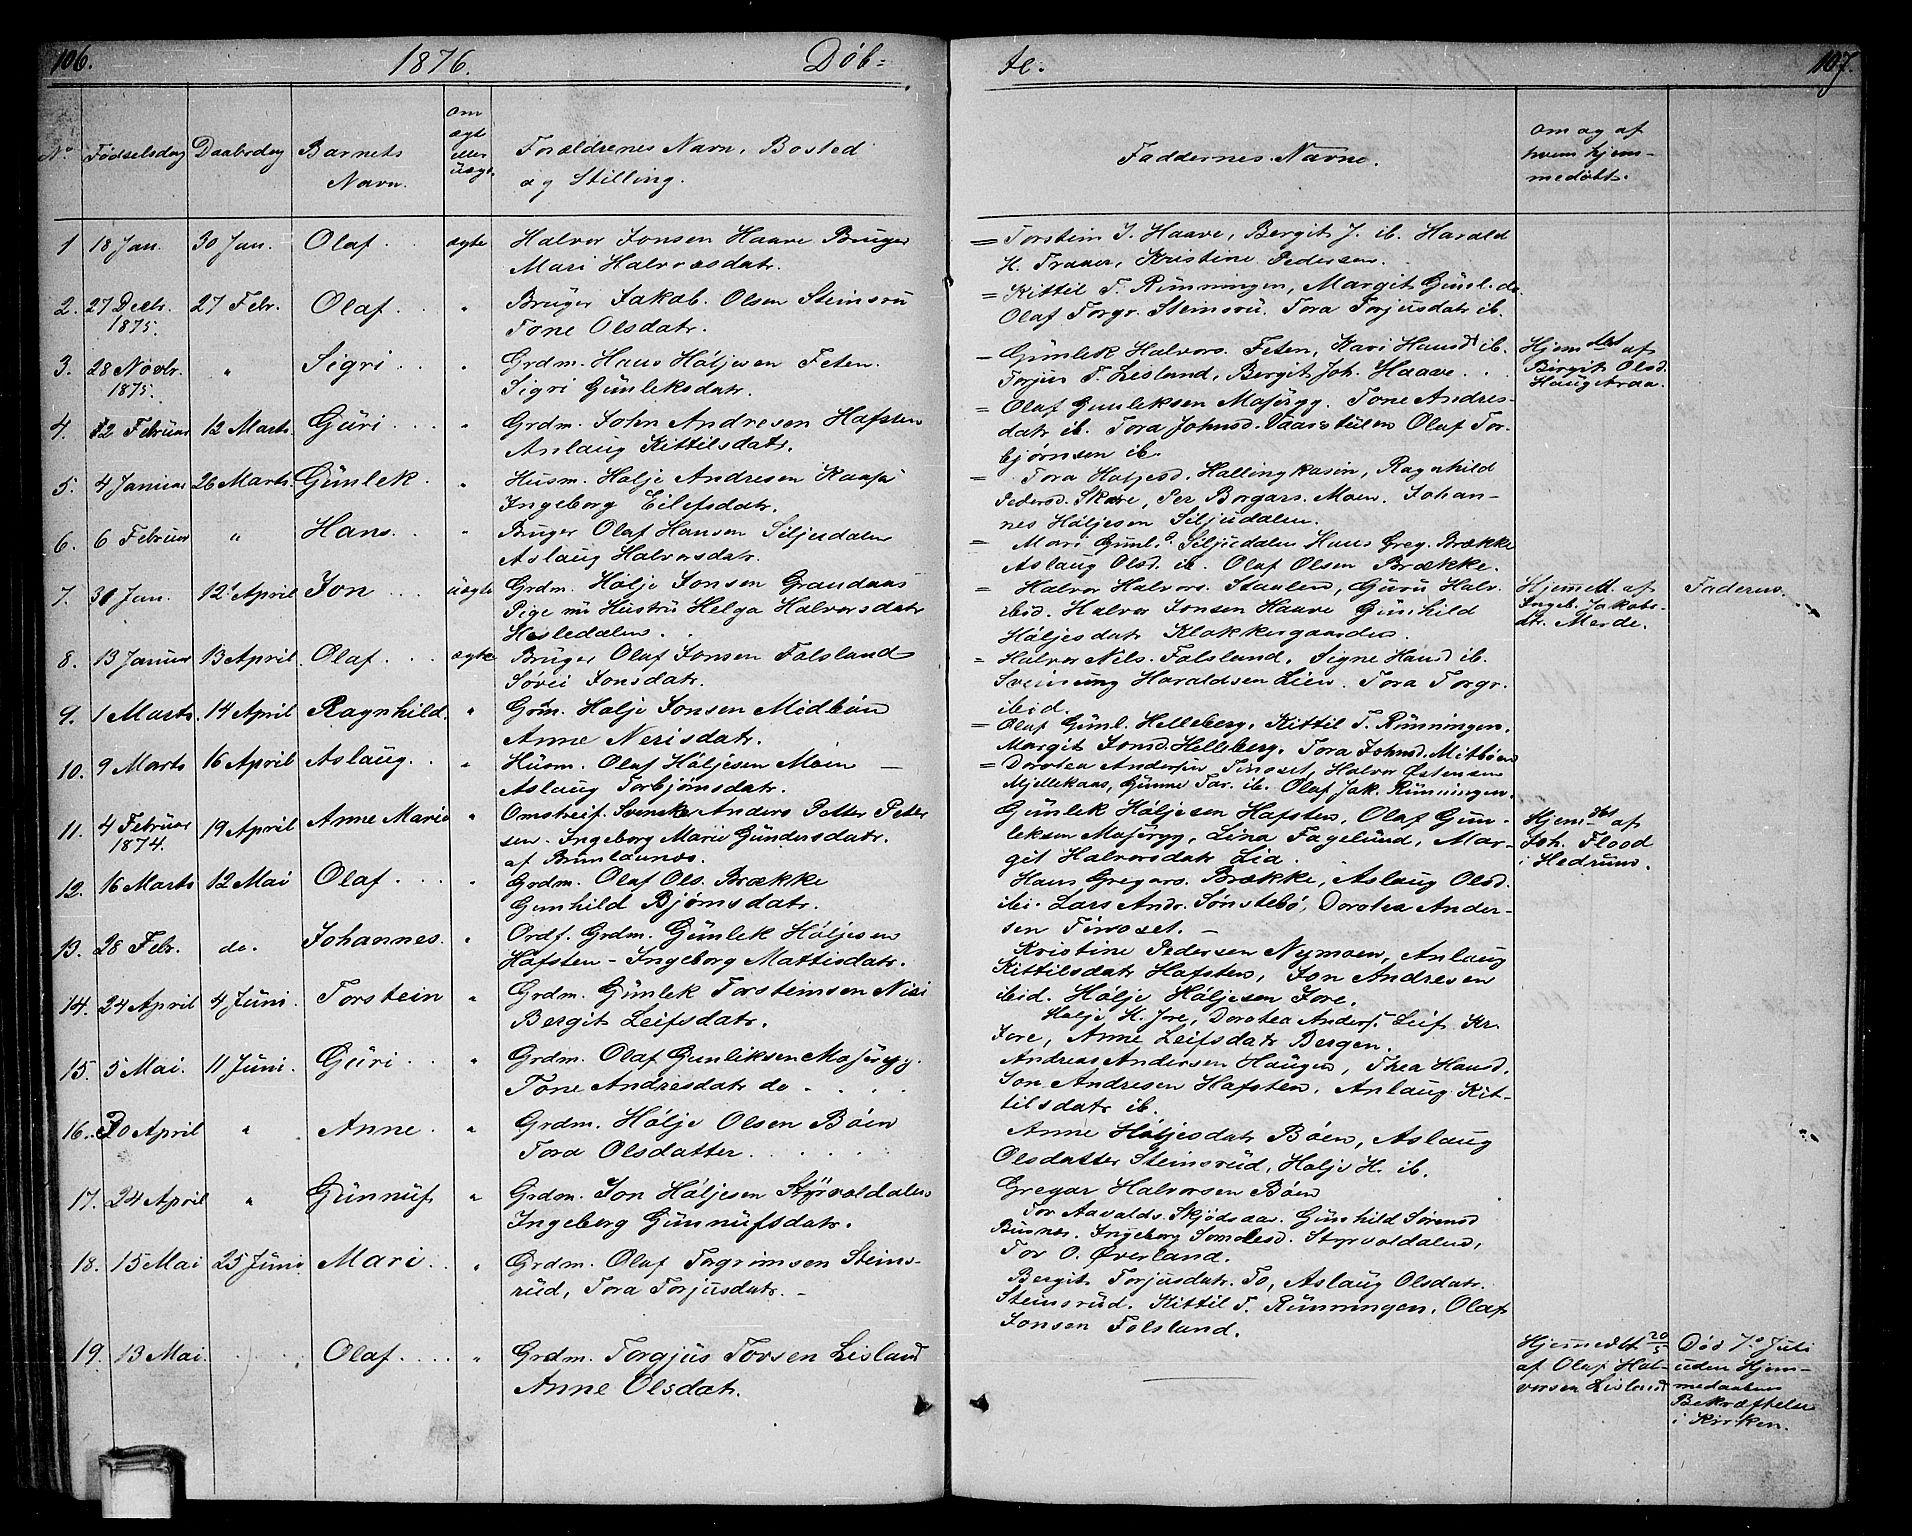 SAKO, Gransherad kirkebøker, G/Ga/L0002: Klokkerbok nr. I 2, 1854-1886, s. 106-107